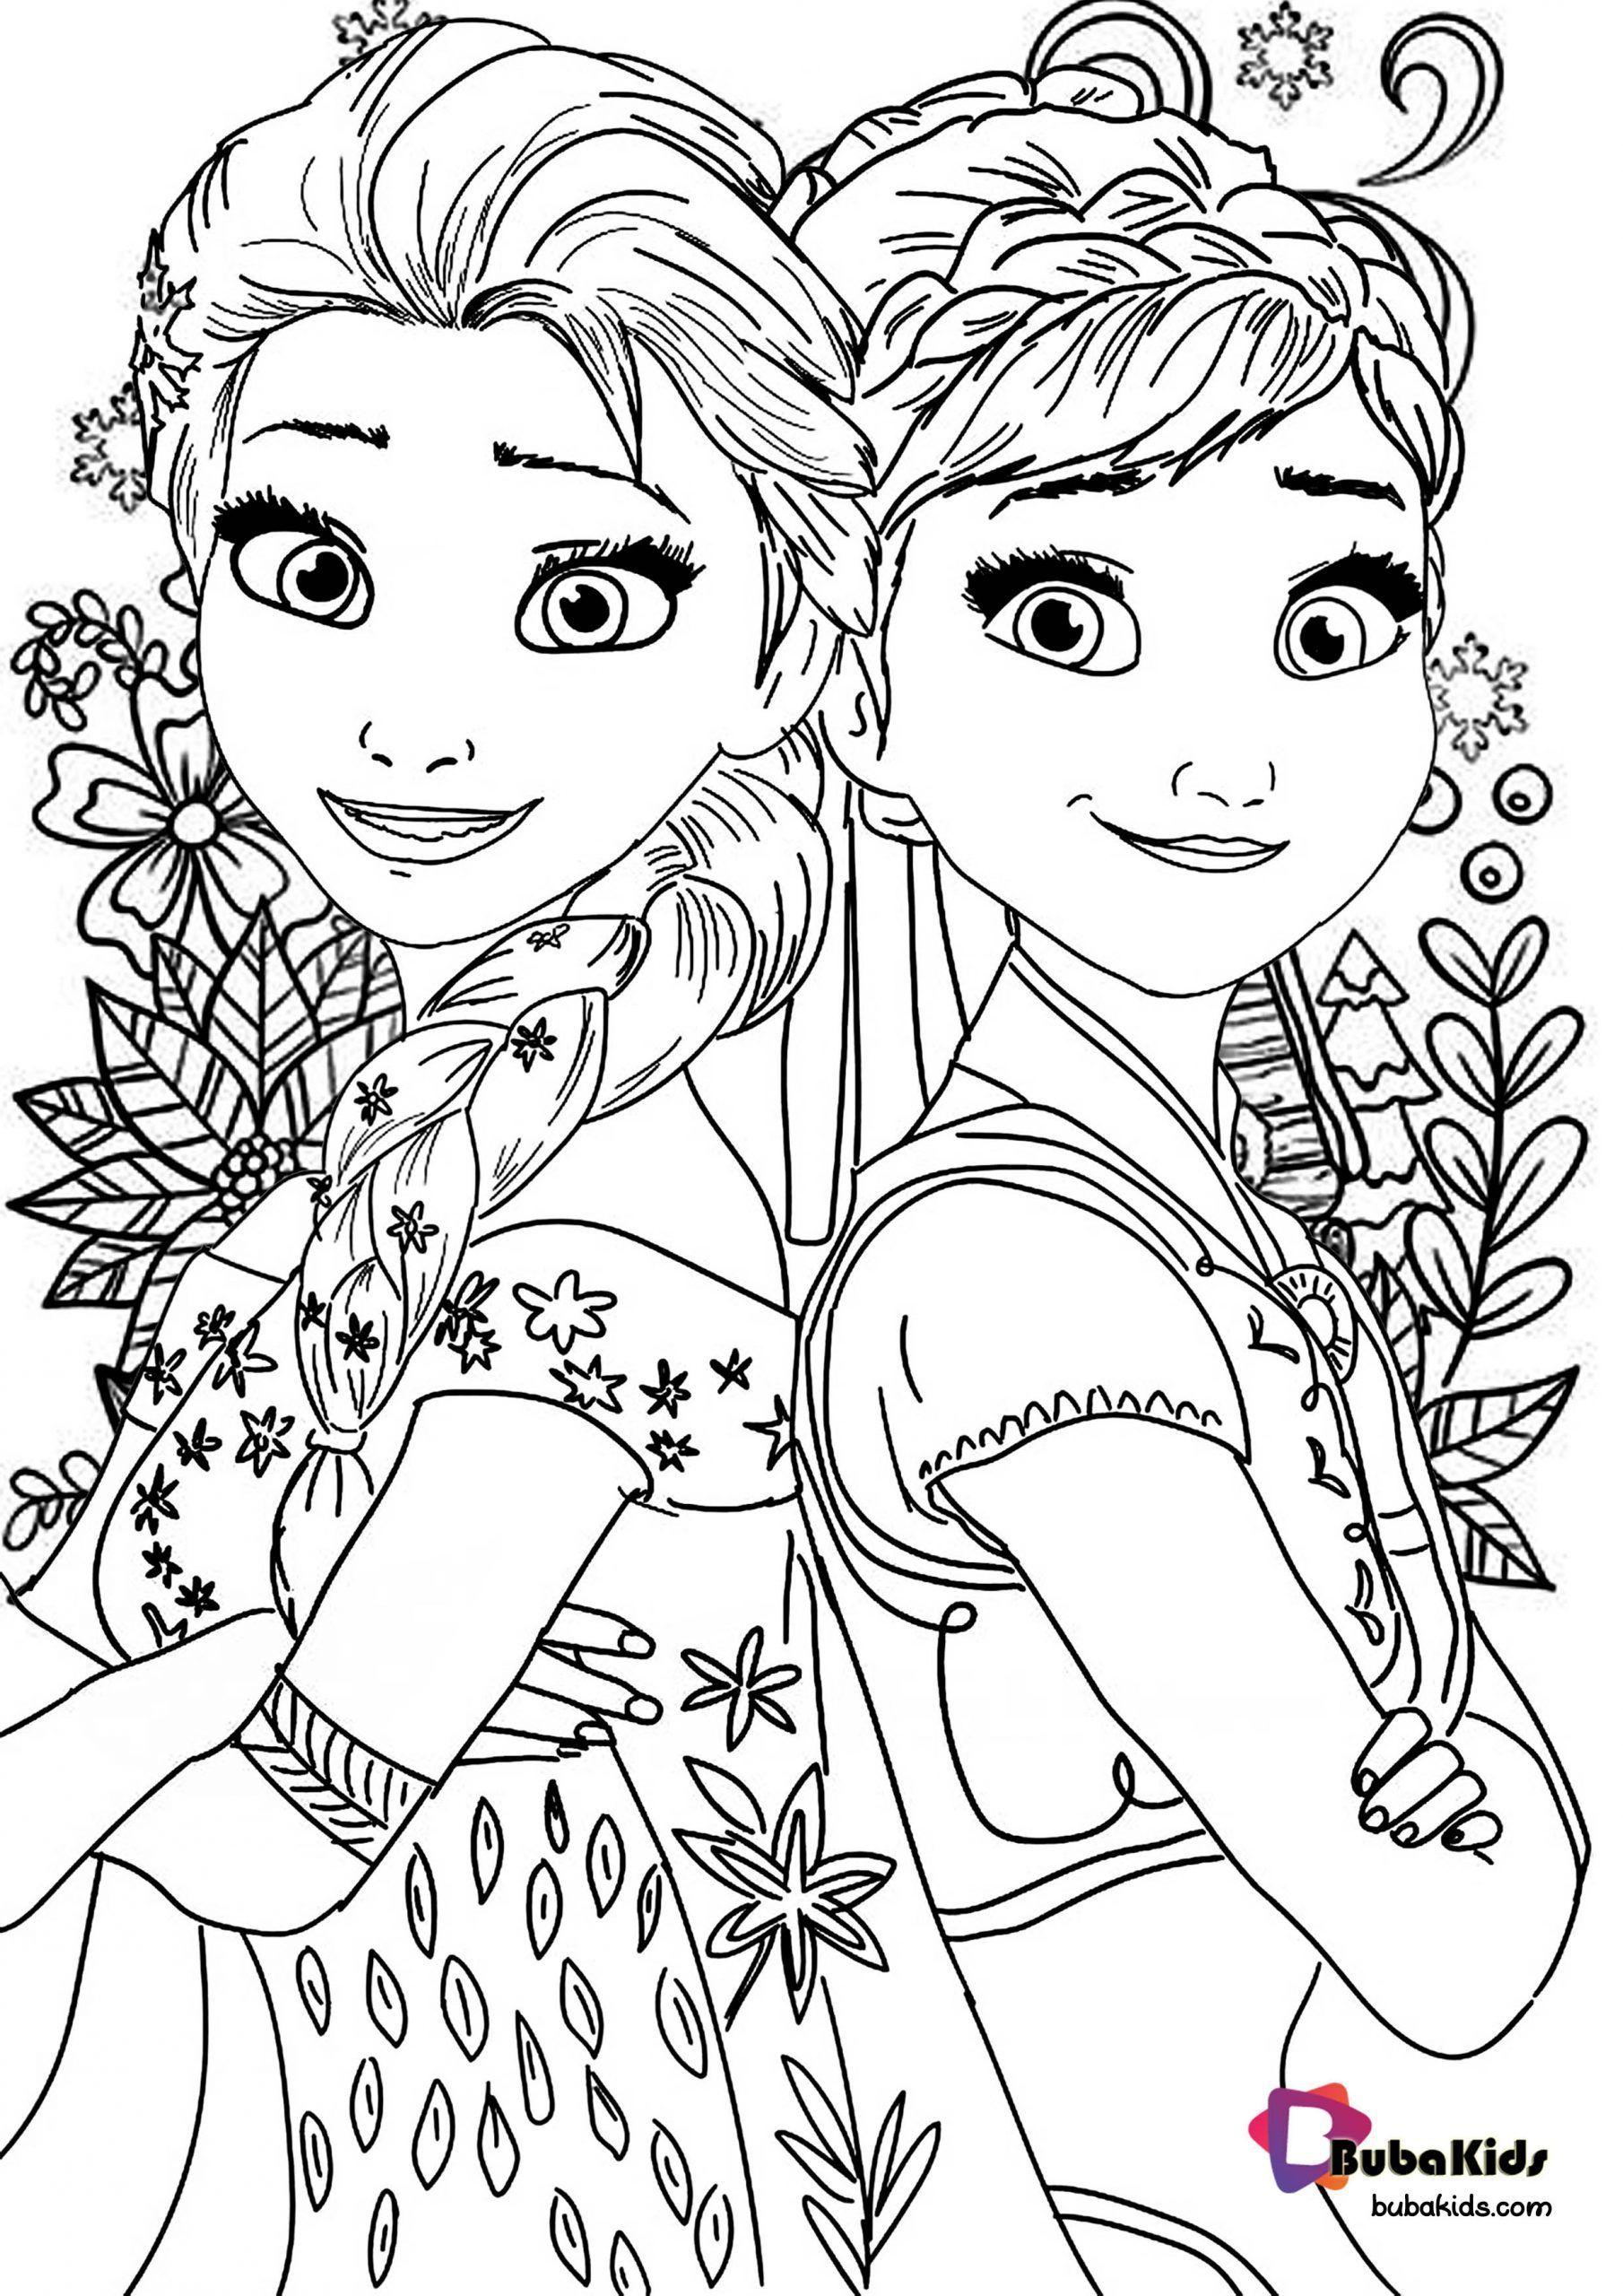 Frozen 2 Malvorlagen Fur Kinder Sammlung Von Cartoon Malvorlagen Fu Malvorlagen Fur Kinder Zum Ausdrucken Disney Prinzessin Malvorlagen Kostenlose Ausmalbilder